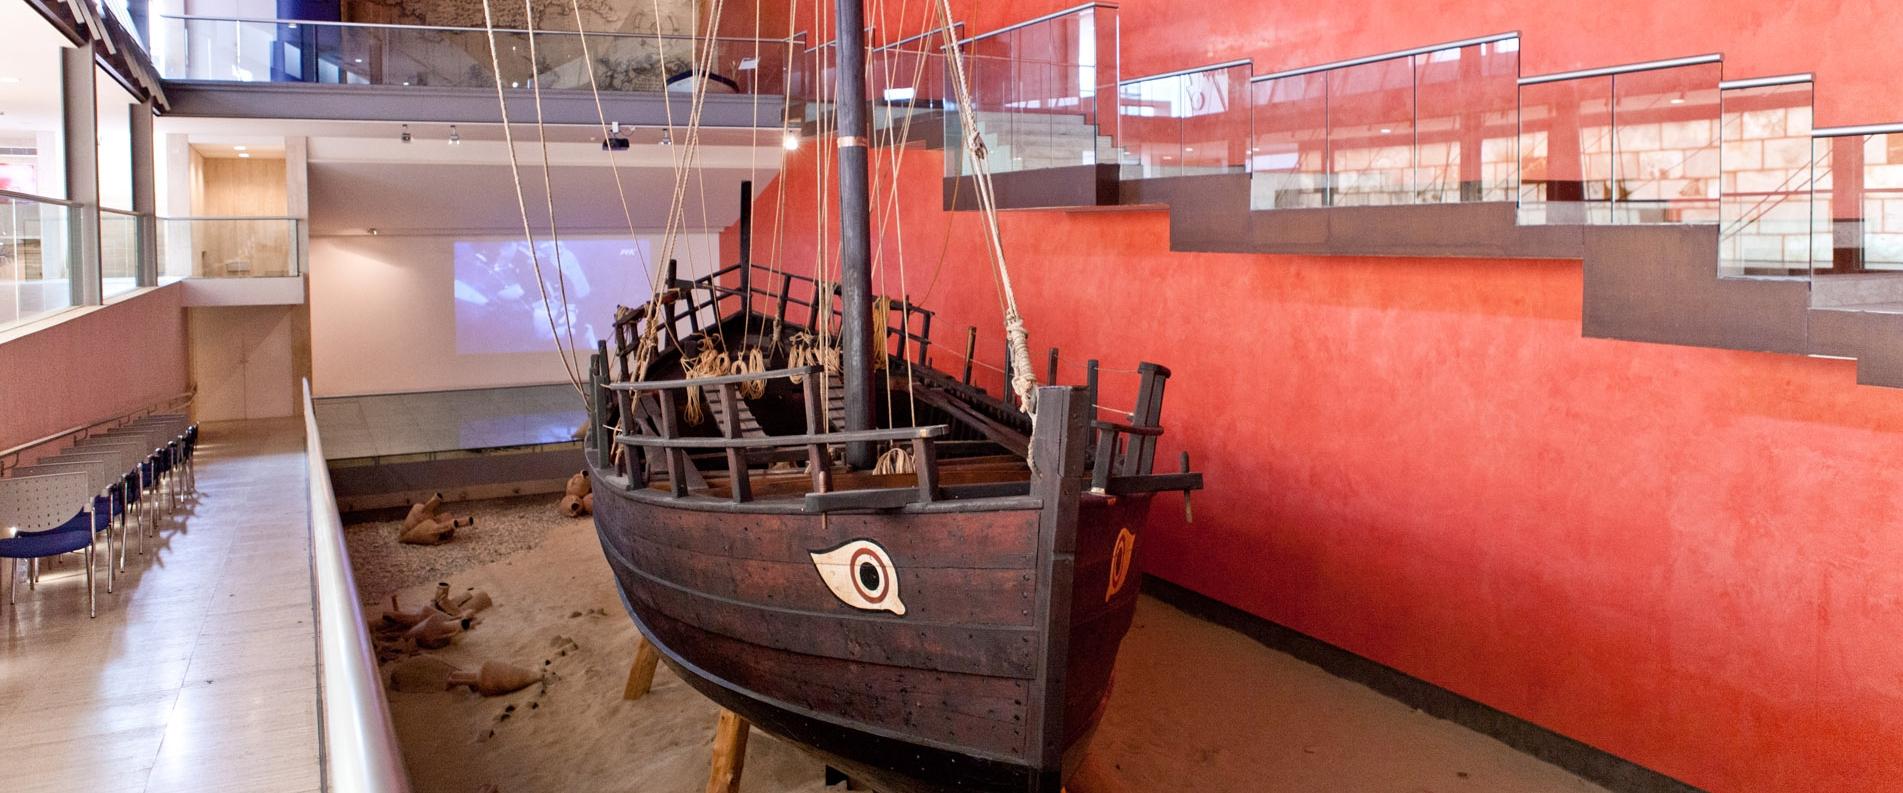 Музеи Айя-Напы: морская сага